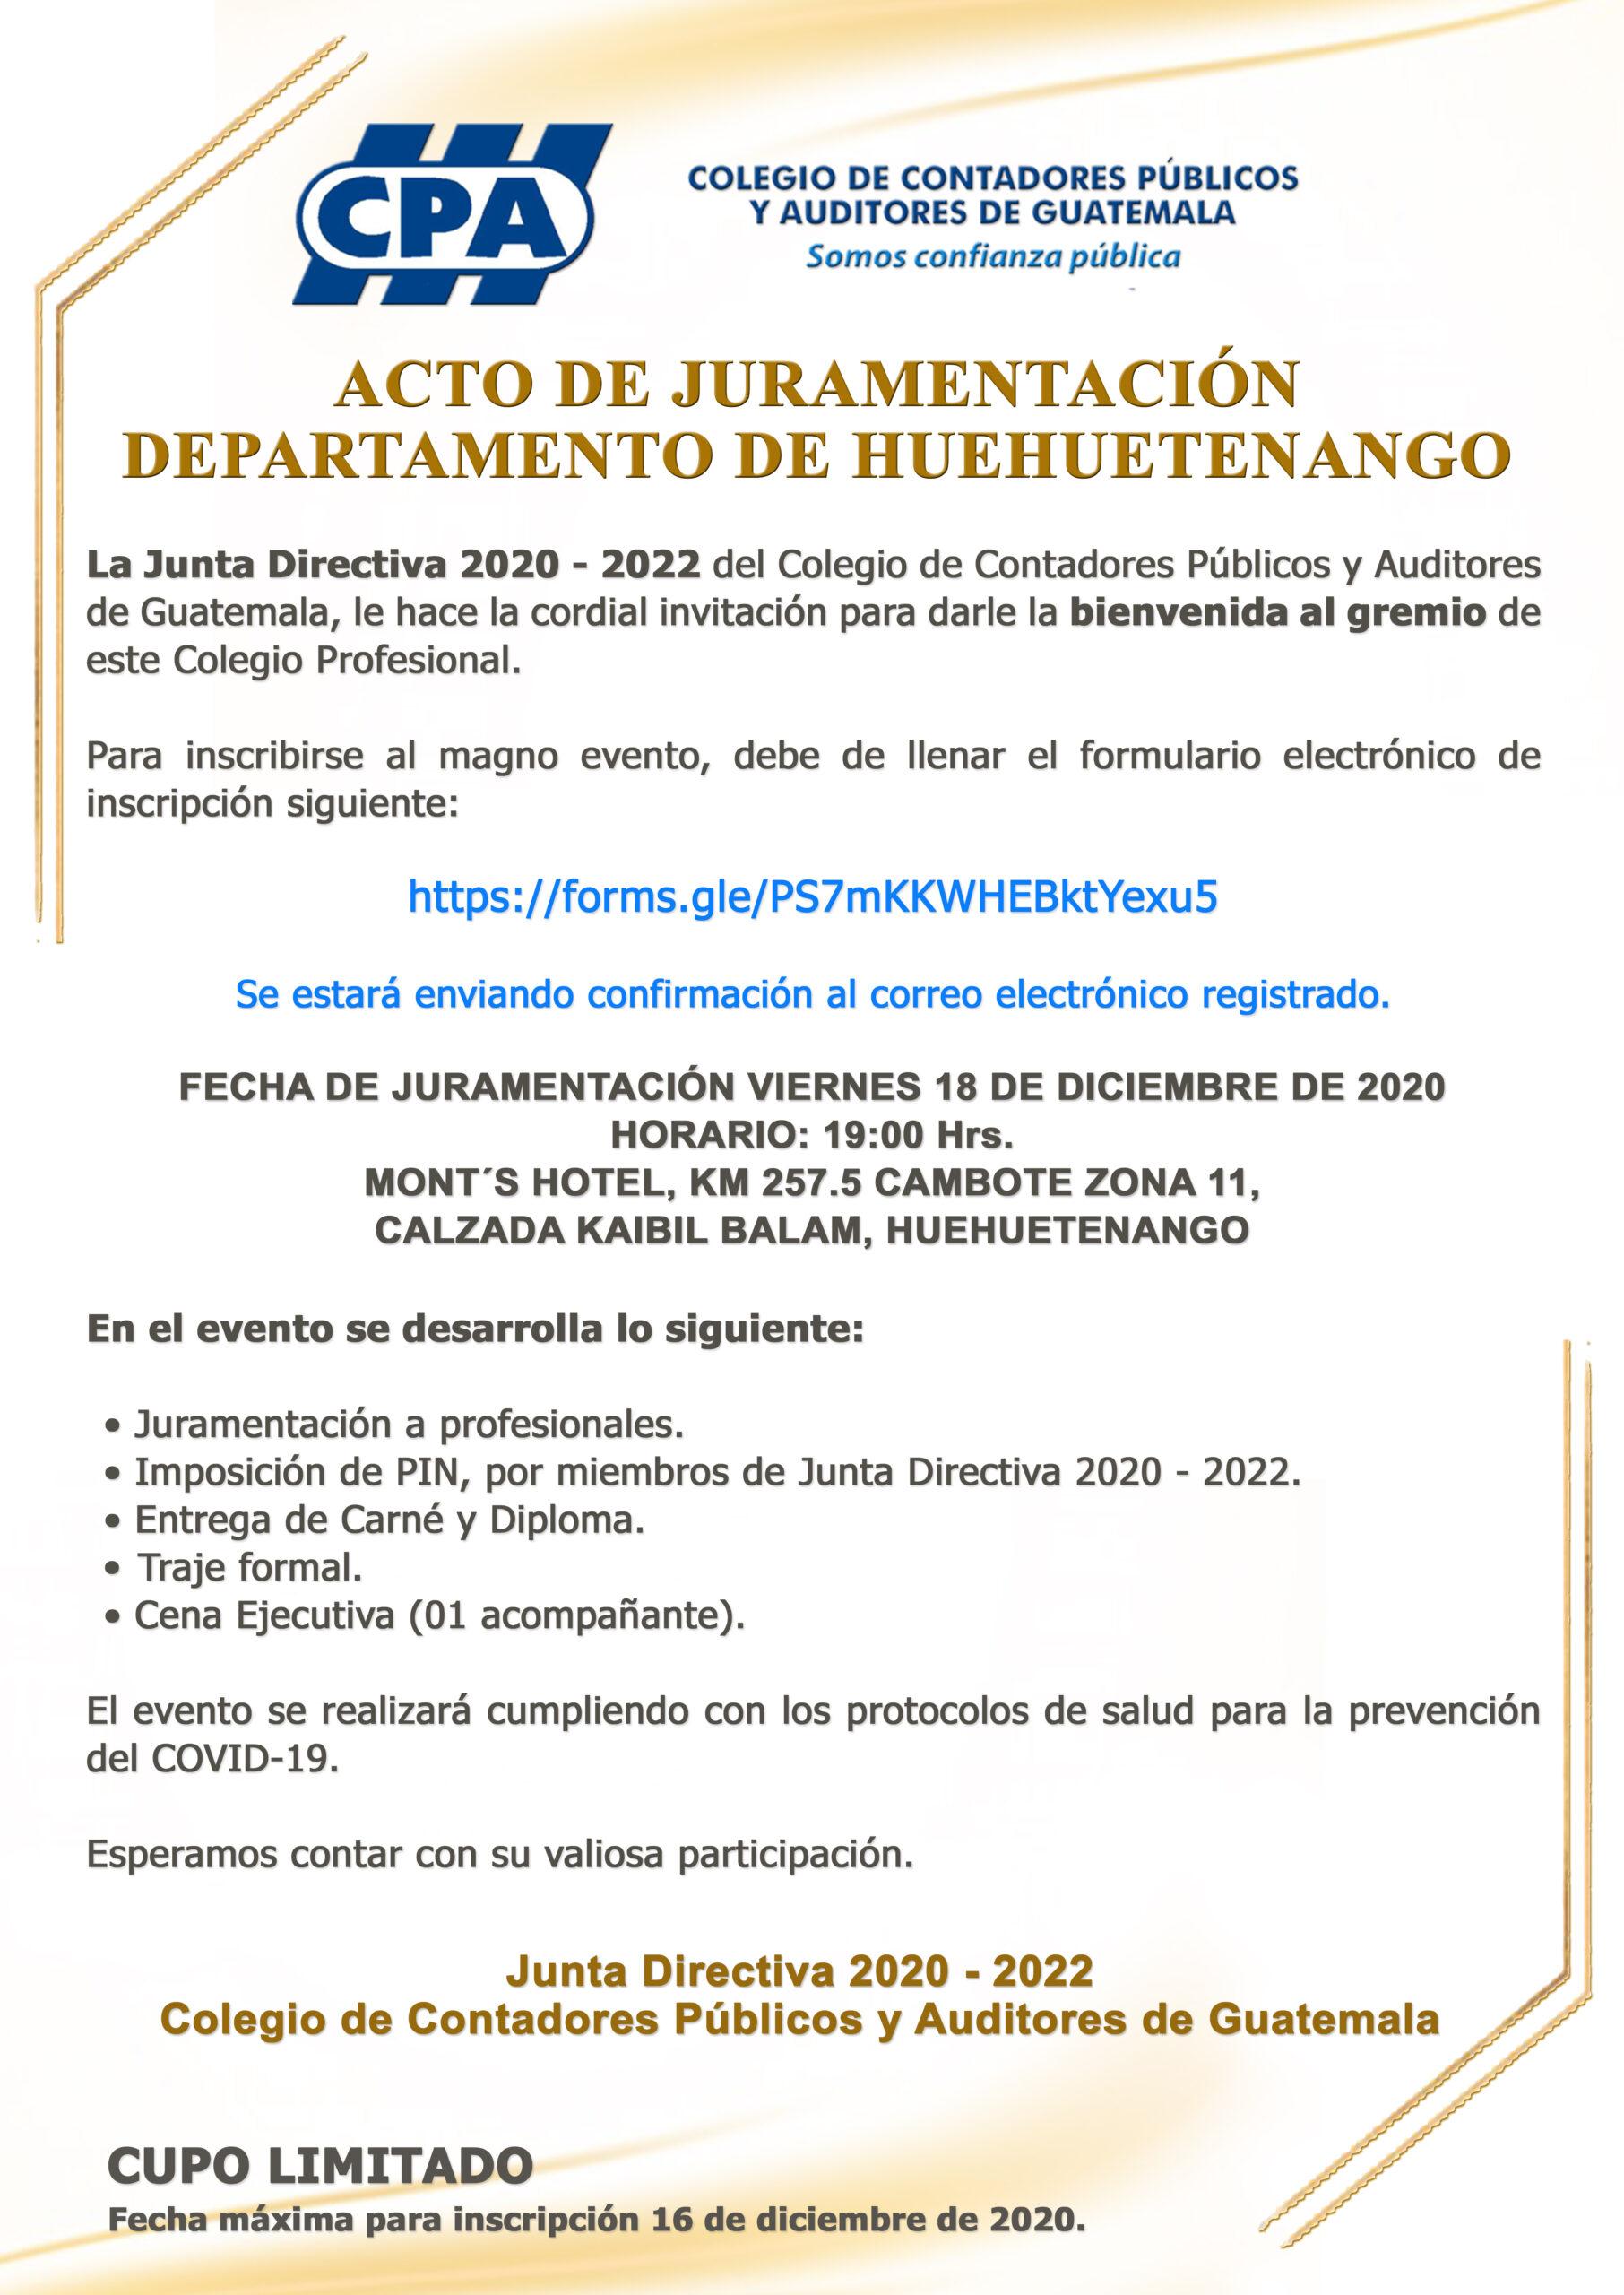 ACTO DE JURAMENTACIÓN | DEPARTAMENTO DE HUEHUETENANGO